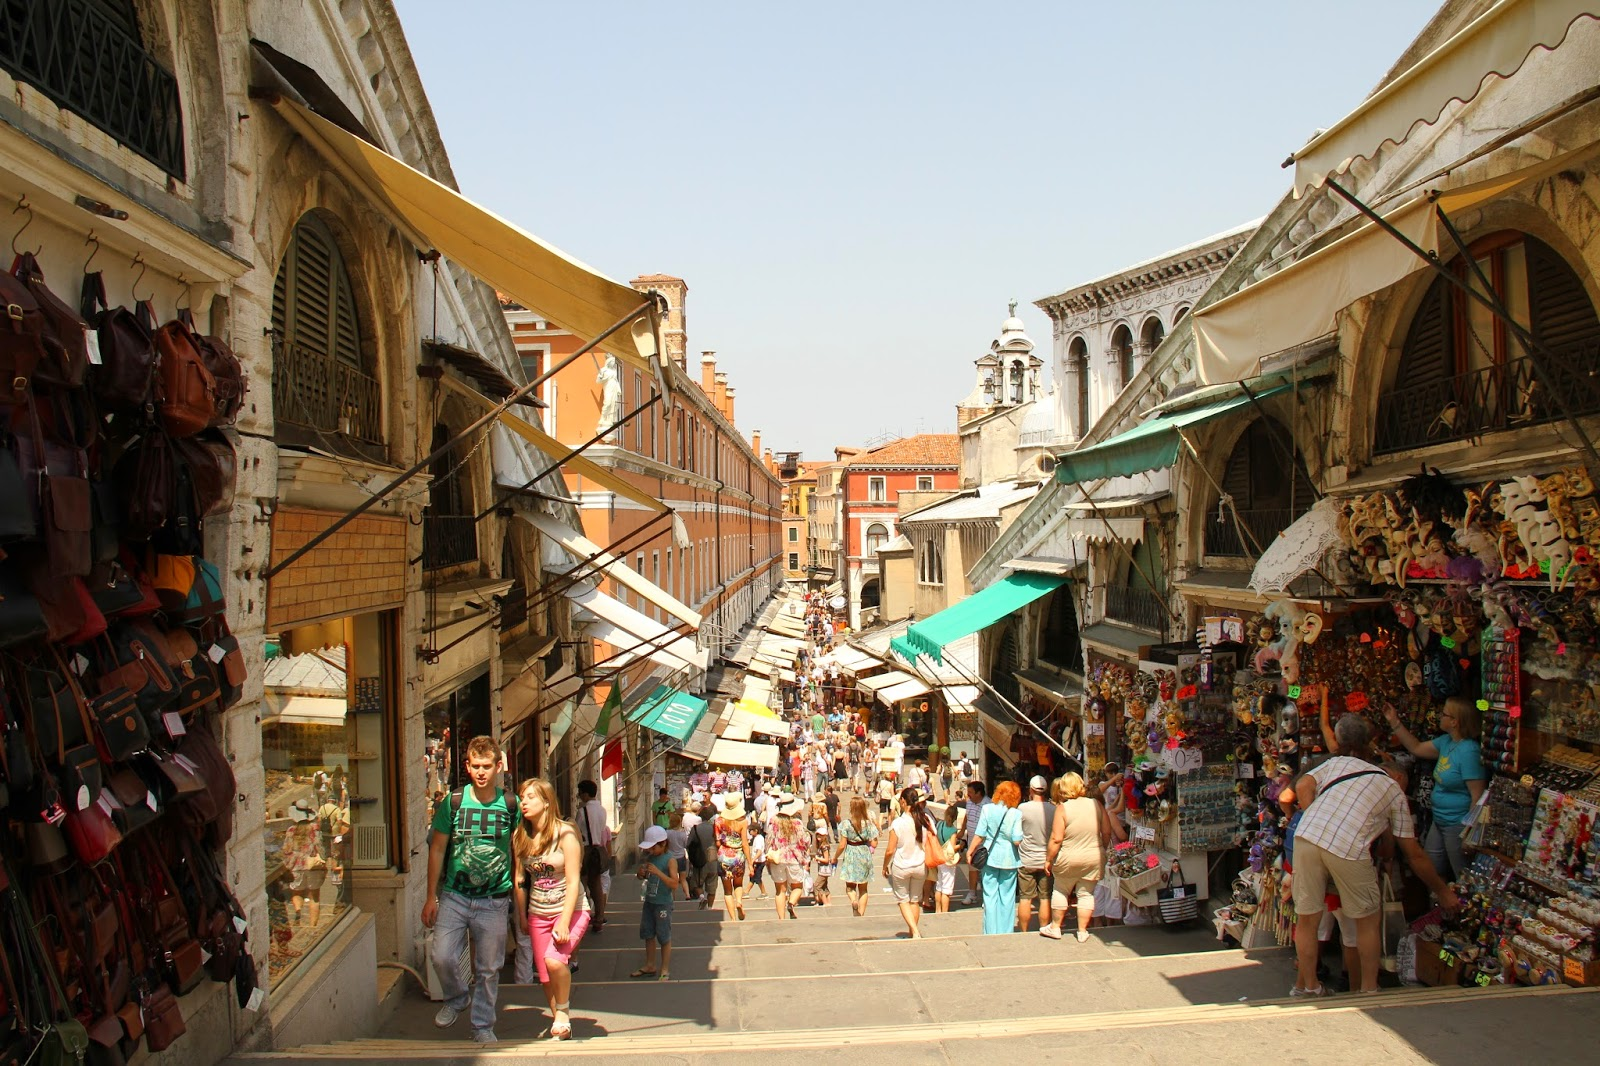 магазины в Венеции